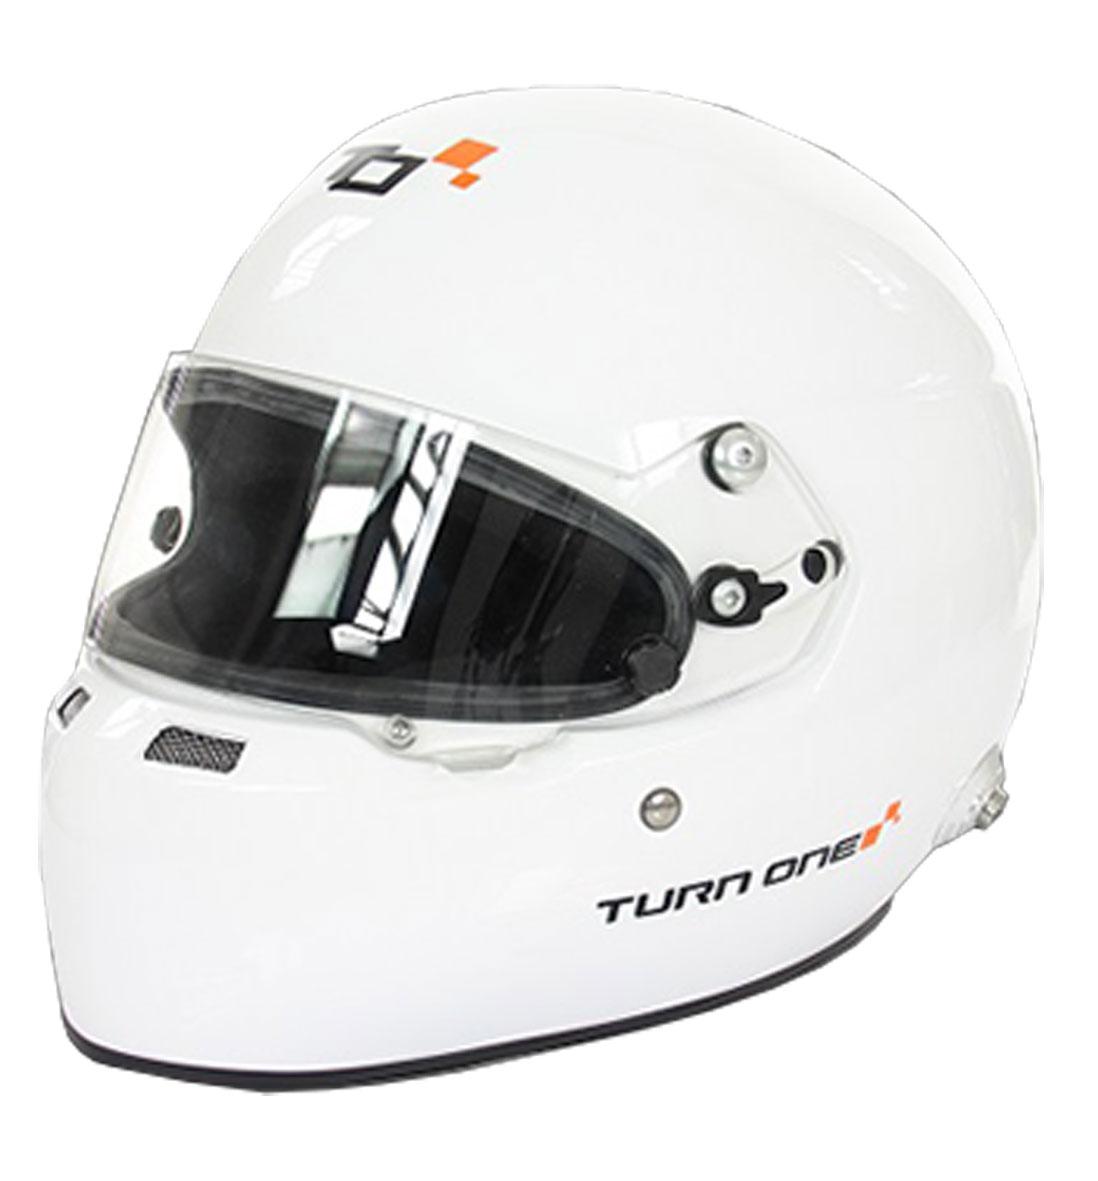 Turn One Full-RS Helmet FIA8859-15 - White